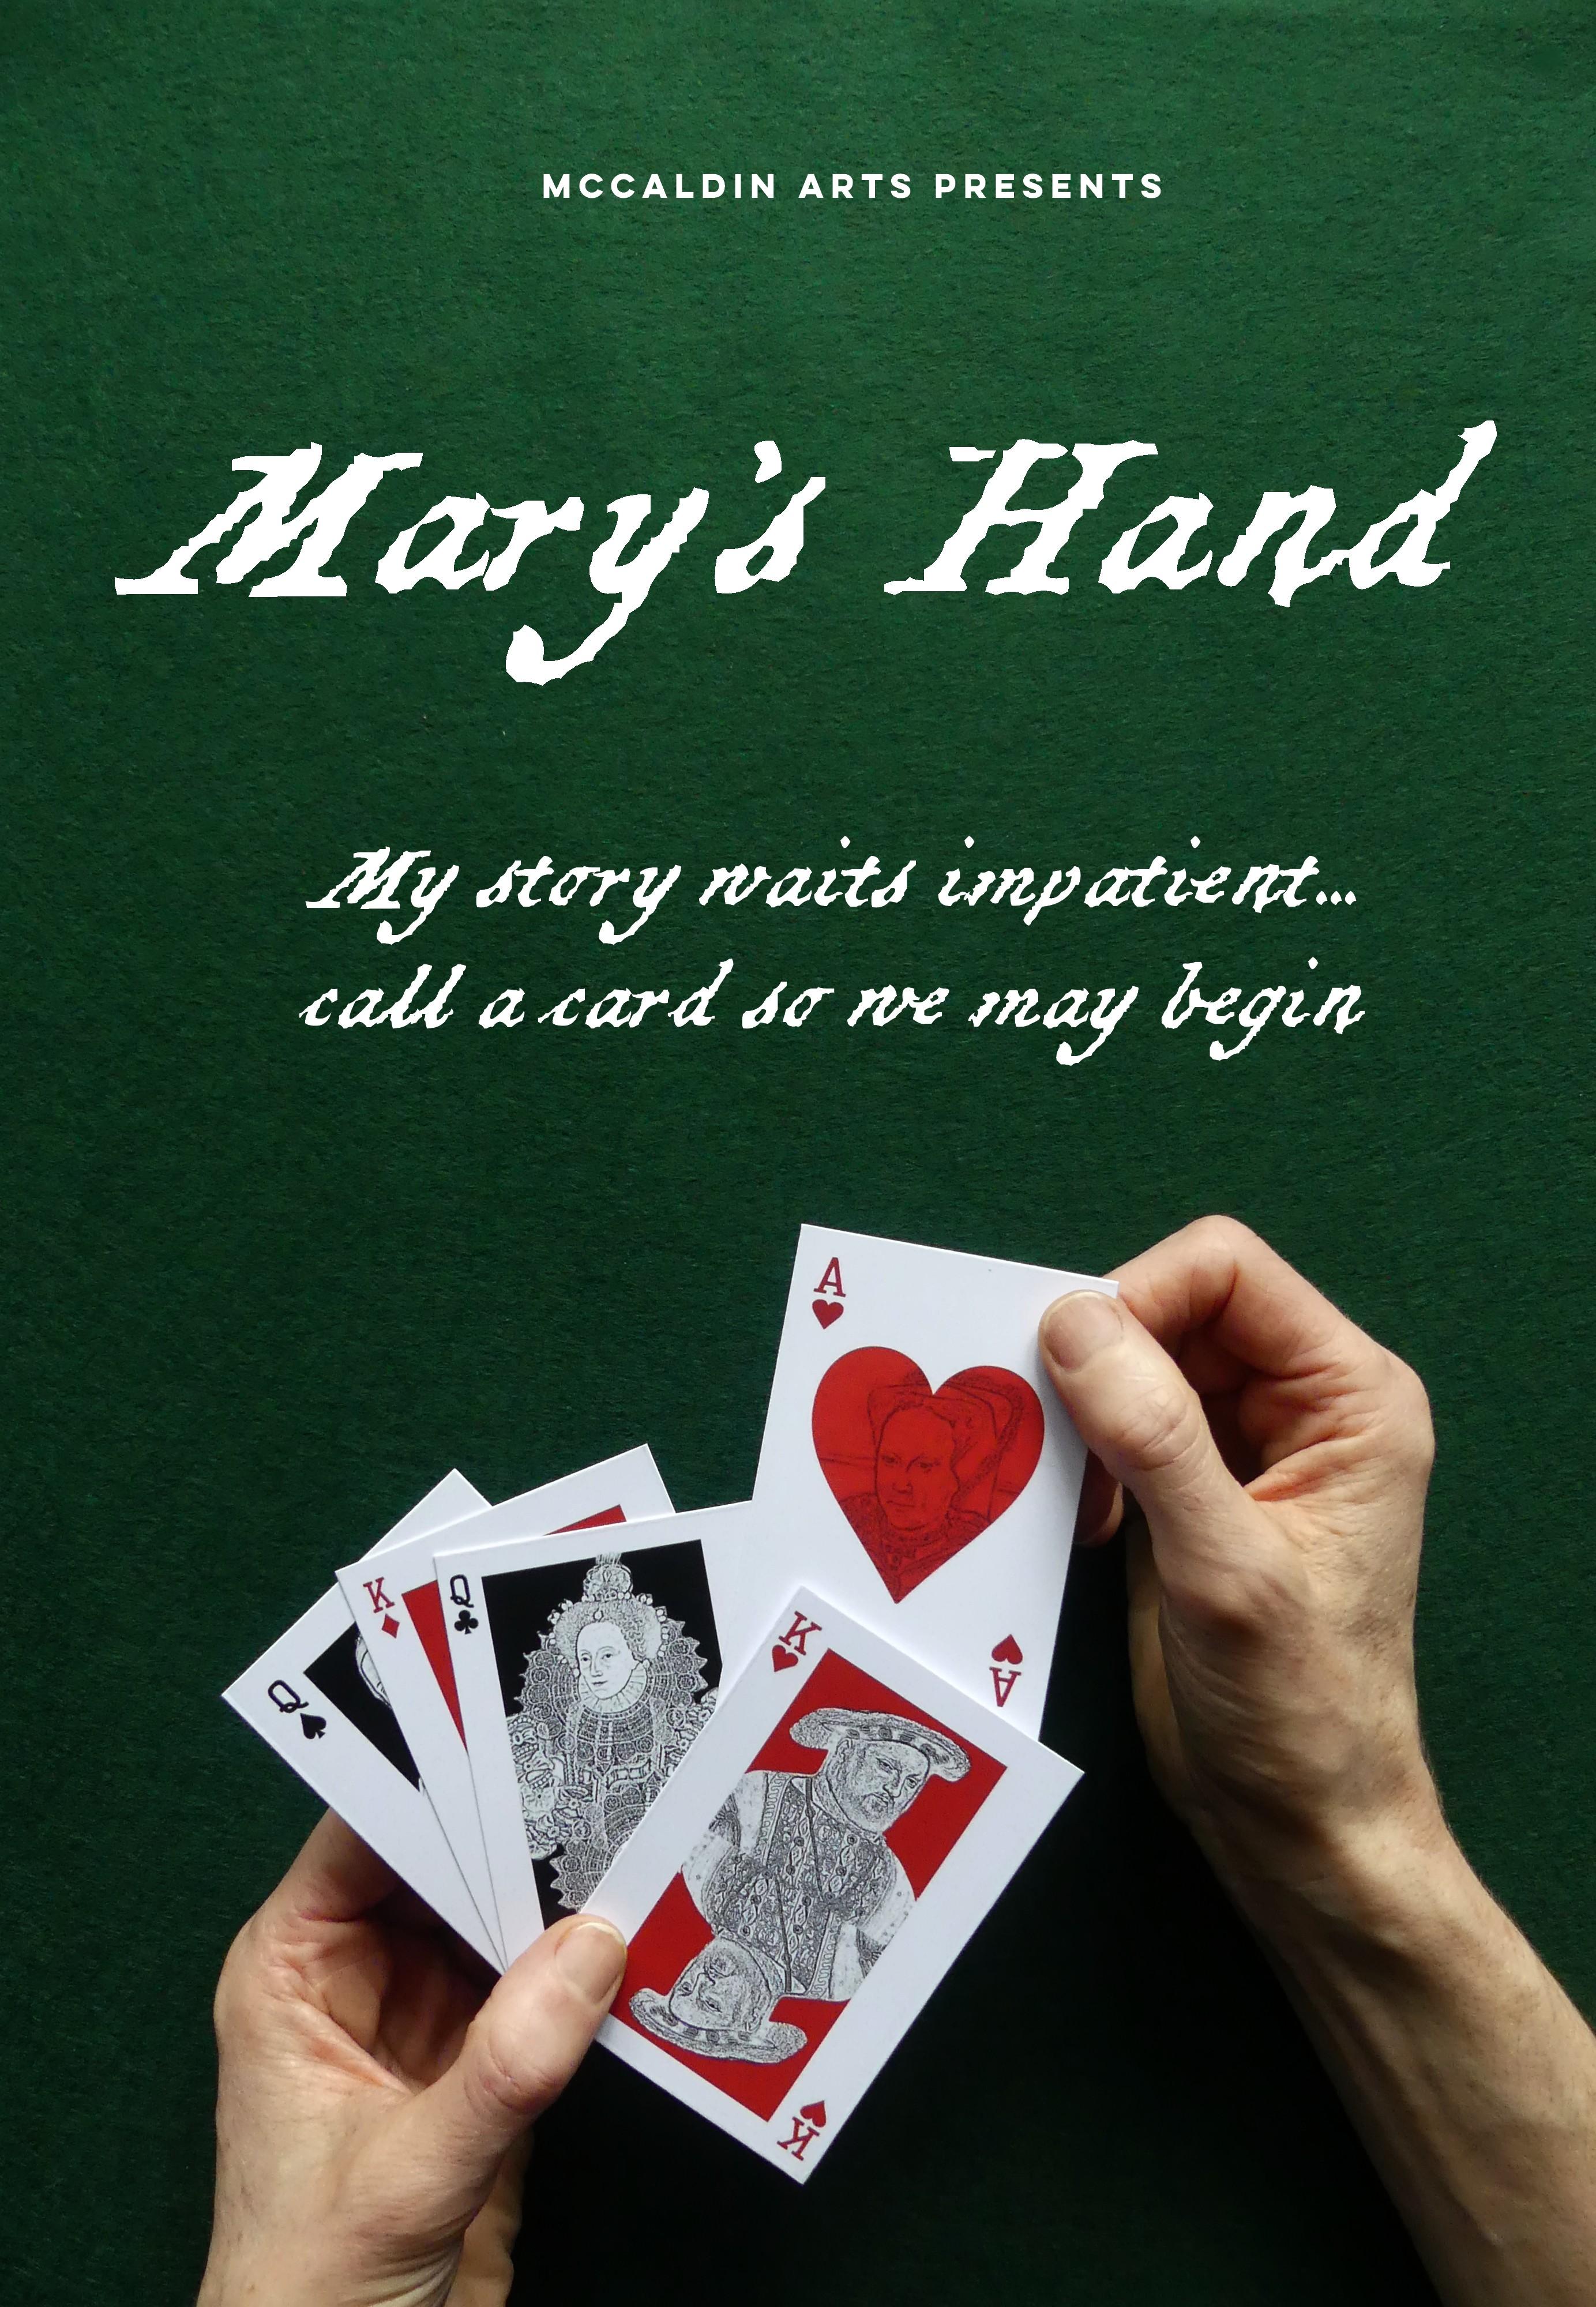 Mary s Hand